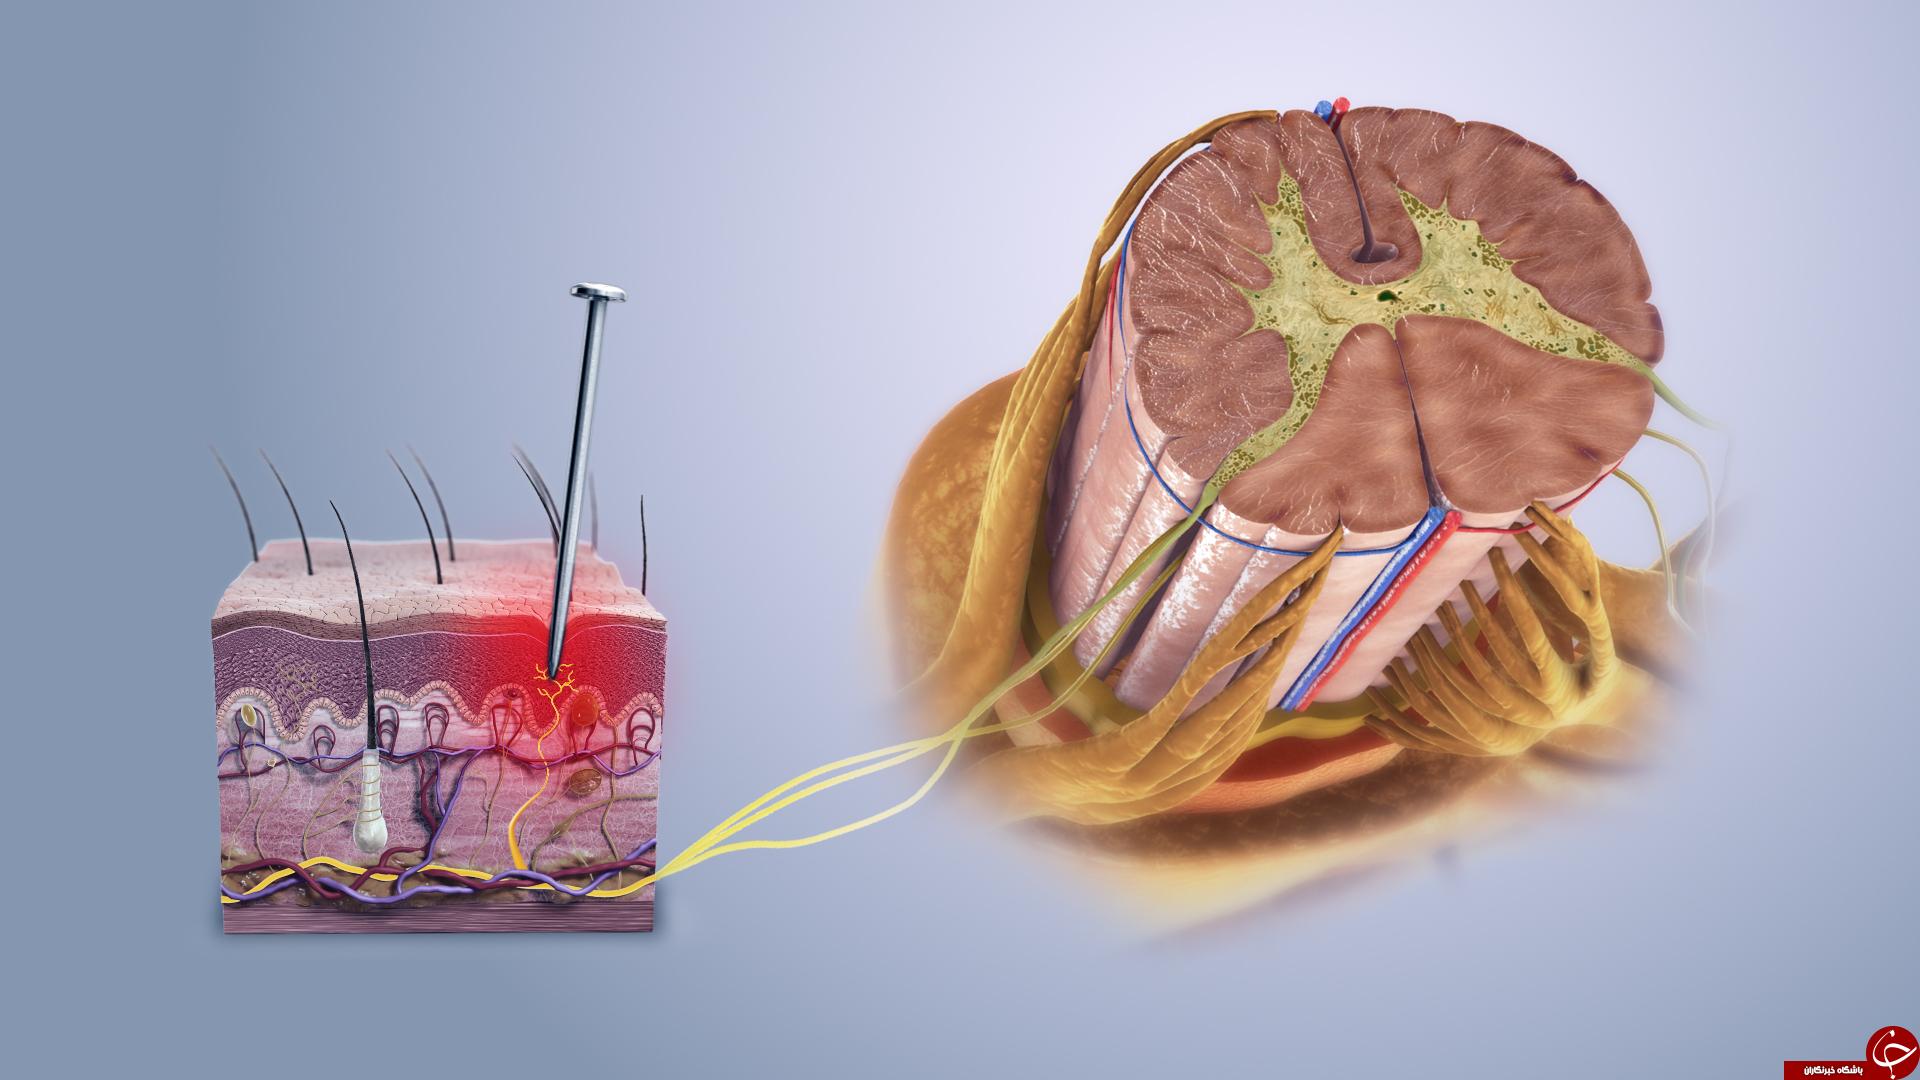 آیا میدانید؛ بدنتان چطور درد را تجزیه و تحلیل میکند؟